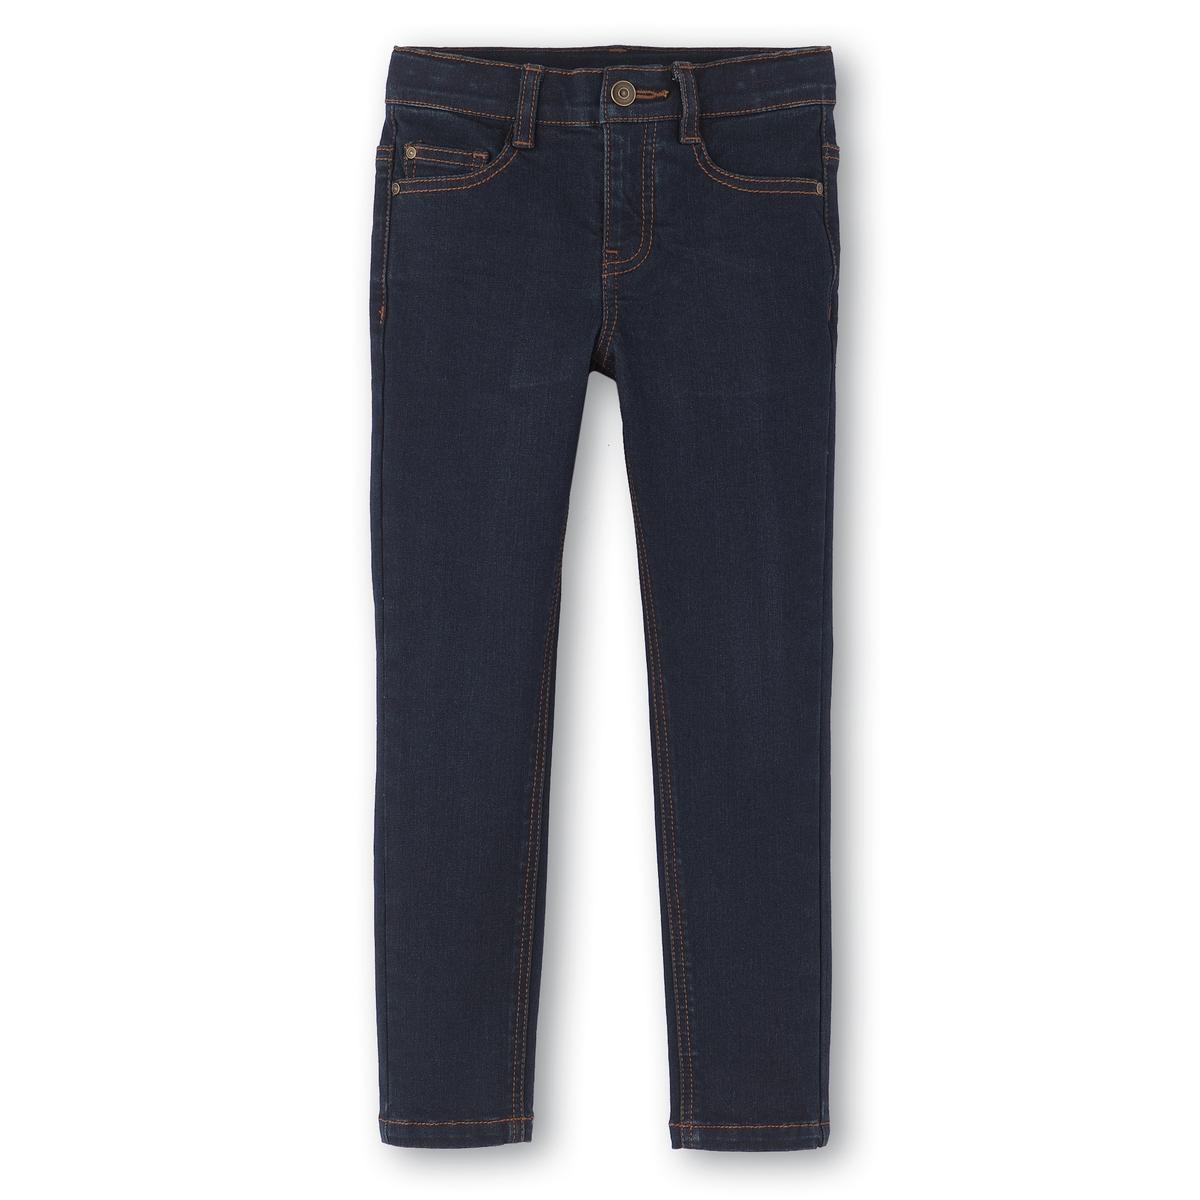 Джинсы узкие, 10-16 лет джинсы узкие детские quiksilver lowbrbugbyth pant buggy blue